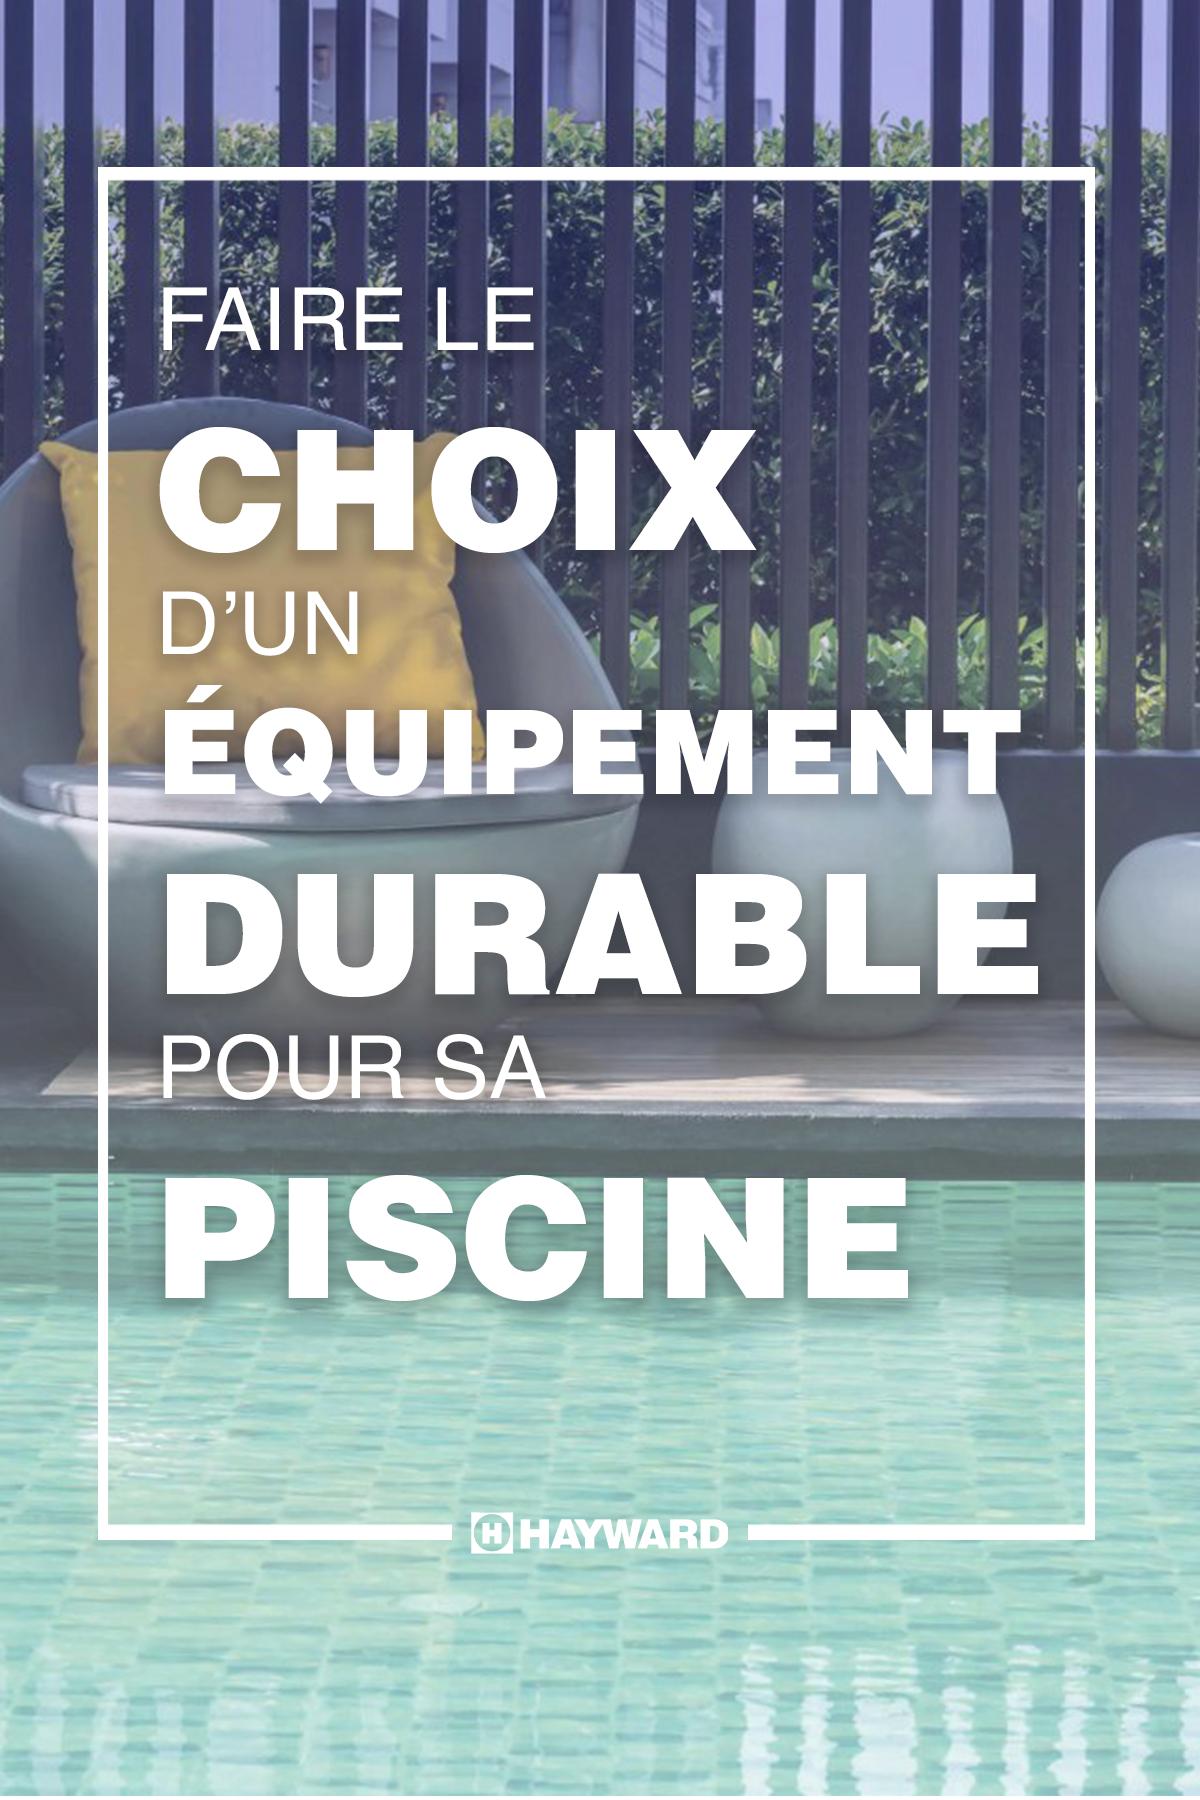 Eclairage Led Autour Piscine Épinglé sur piscine & nature